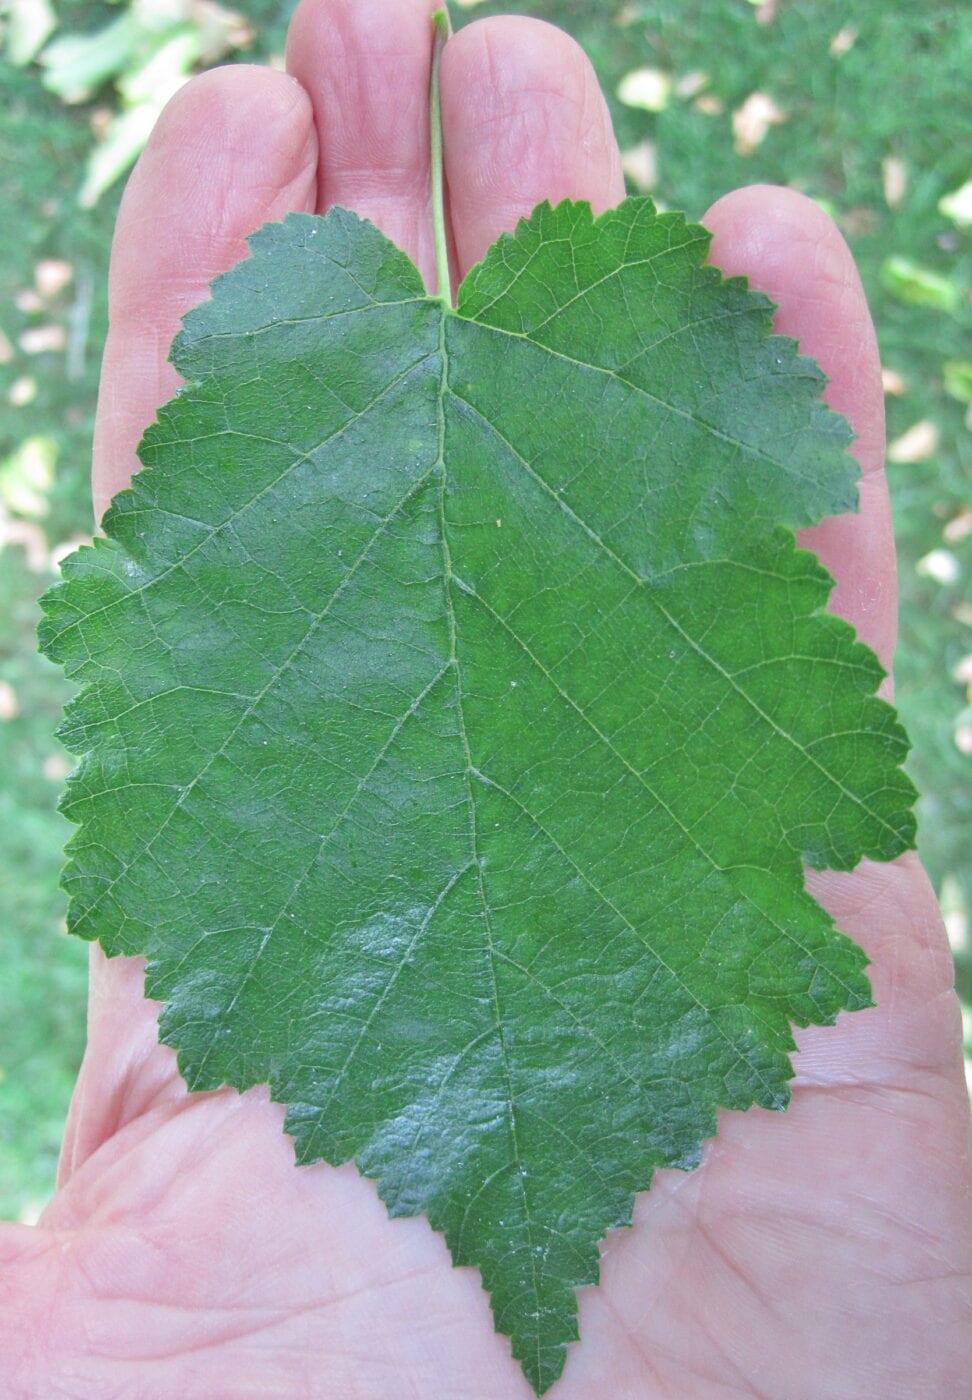 Turkish Hazel leaf